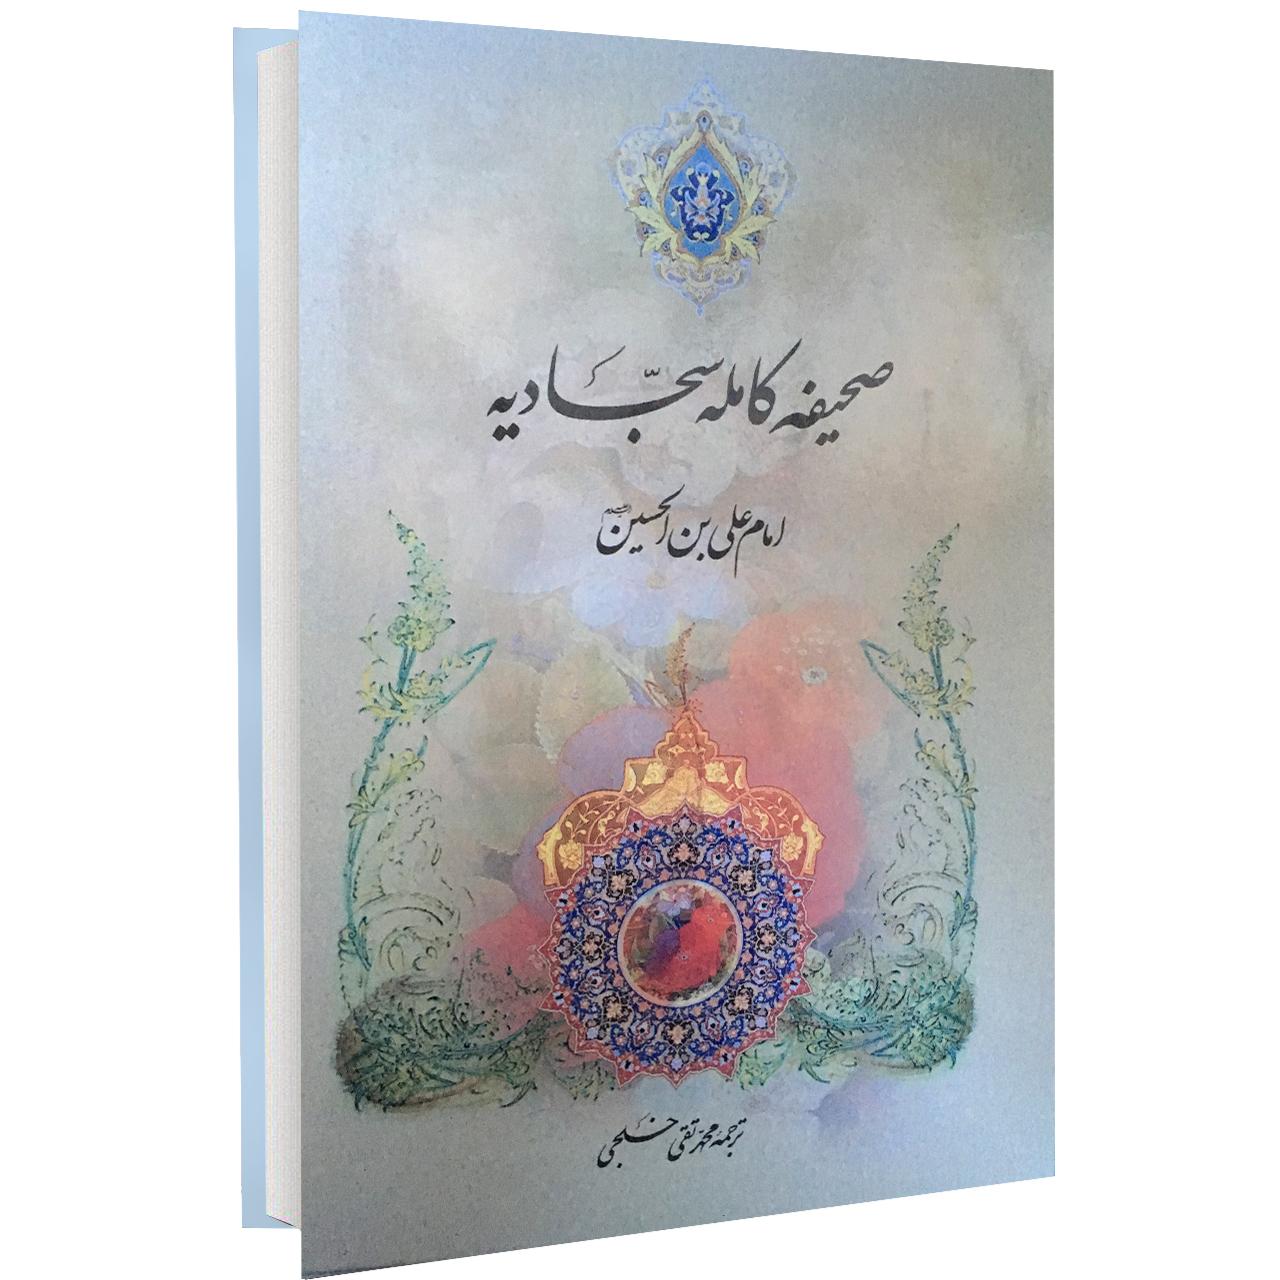 خرید                      کتاب صحیفه کامله سجادیه اثر علی بن الحسین (ع) نشر میثم تمار